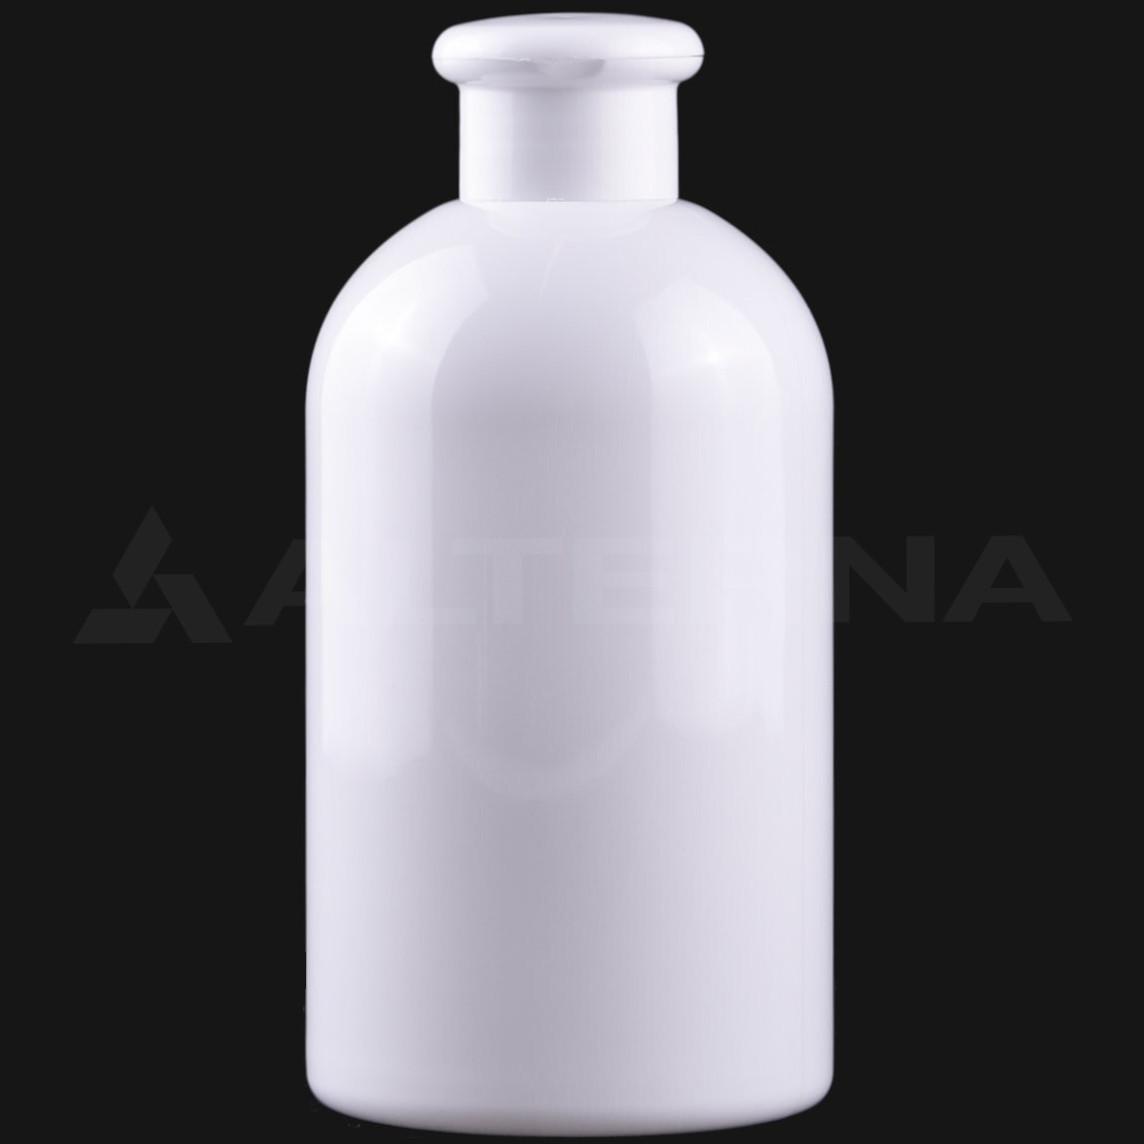 500 ml PET Bottle with 28 mm Flip Top Cap